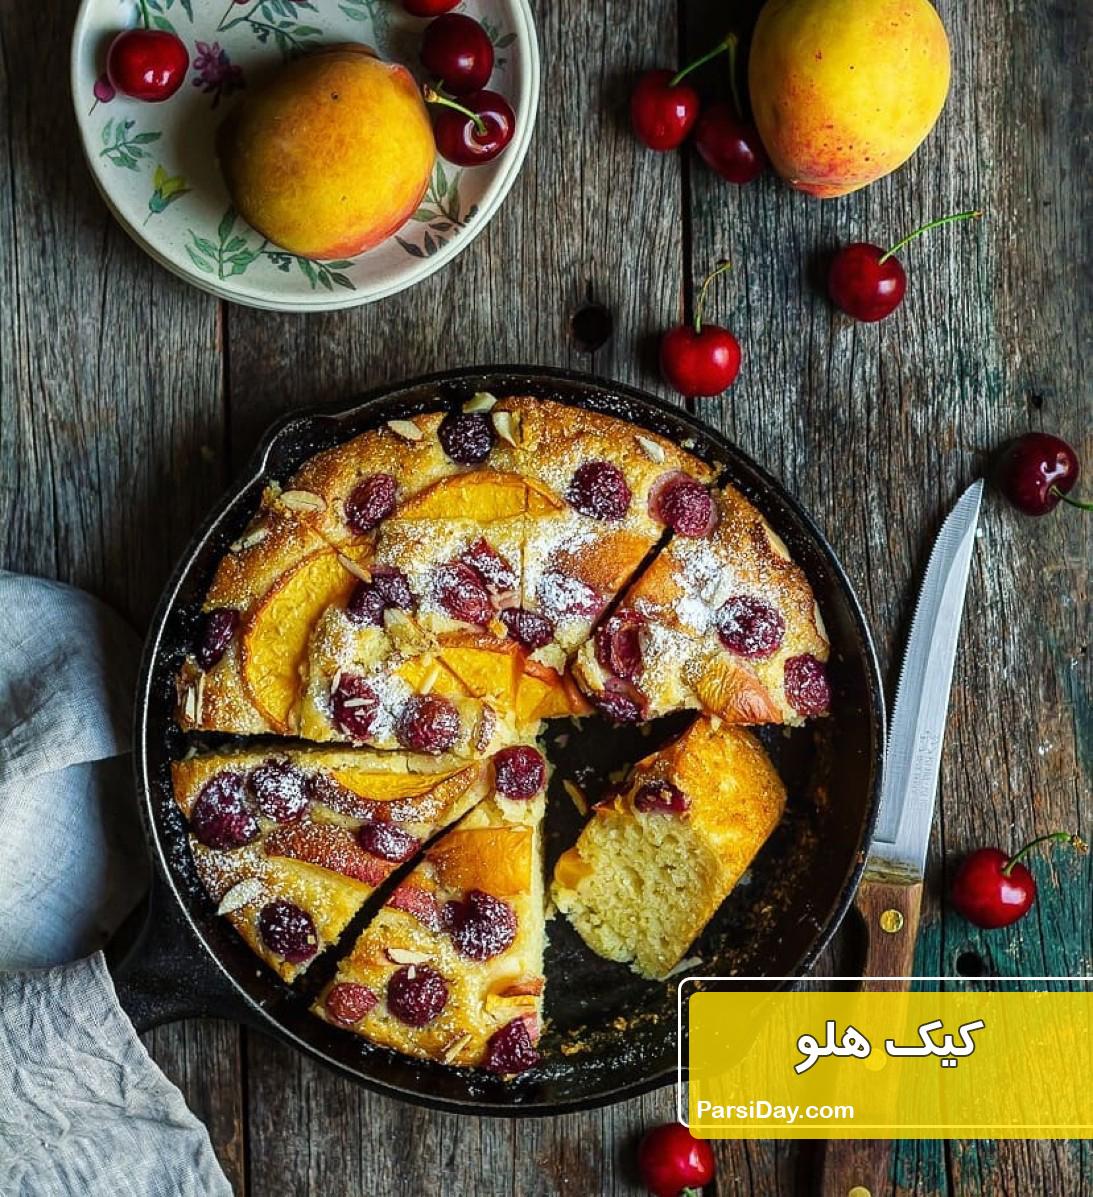 طرز تهیه کیک هلو ساده و خوشمزه با ماست و کره در فر